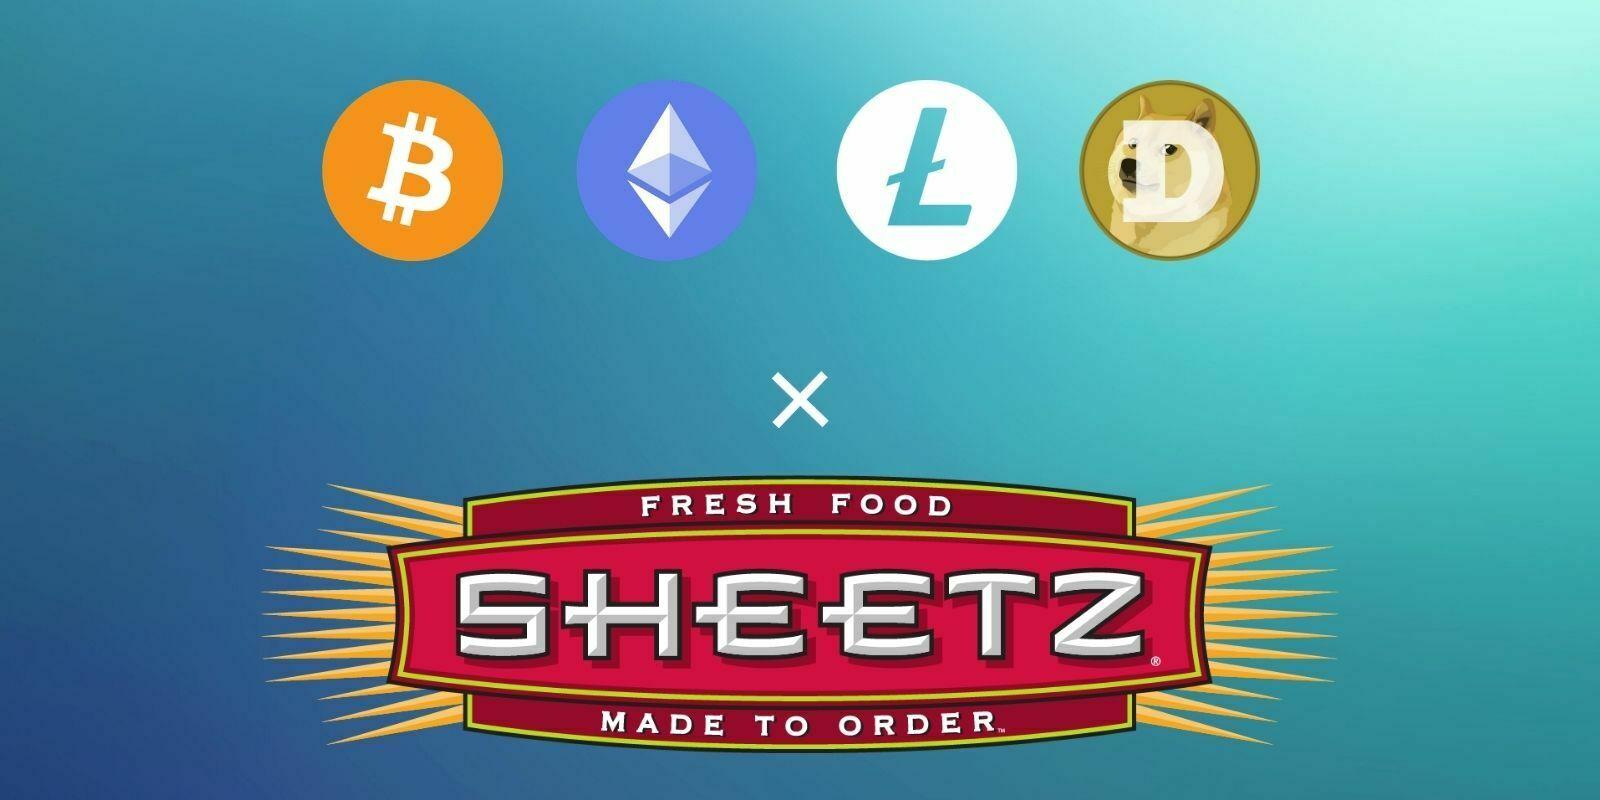 Sheetz devient la première chaîne de magasins de proximité à accepter les cryptomonnaies